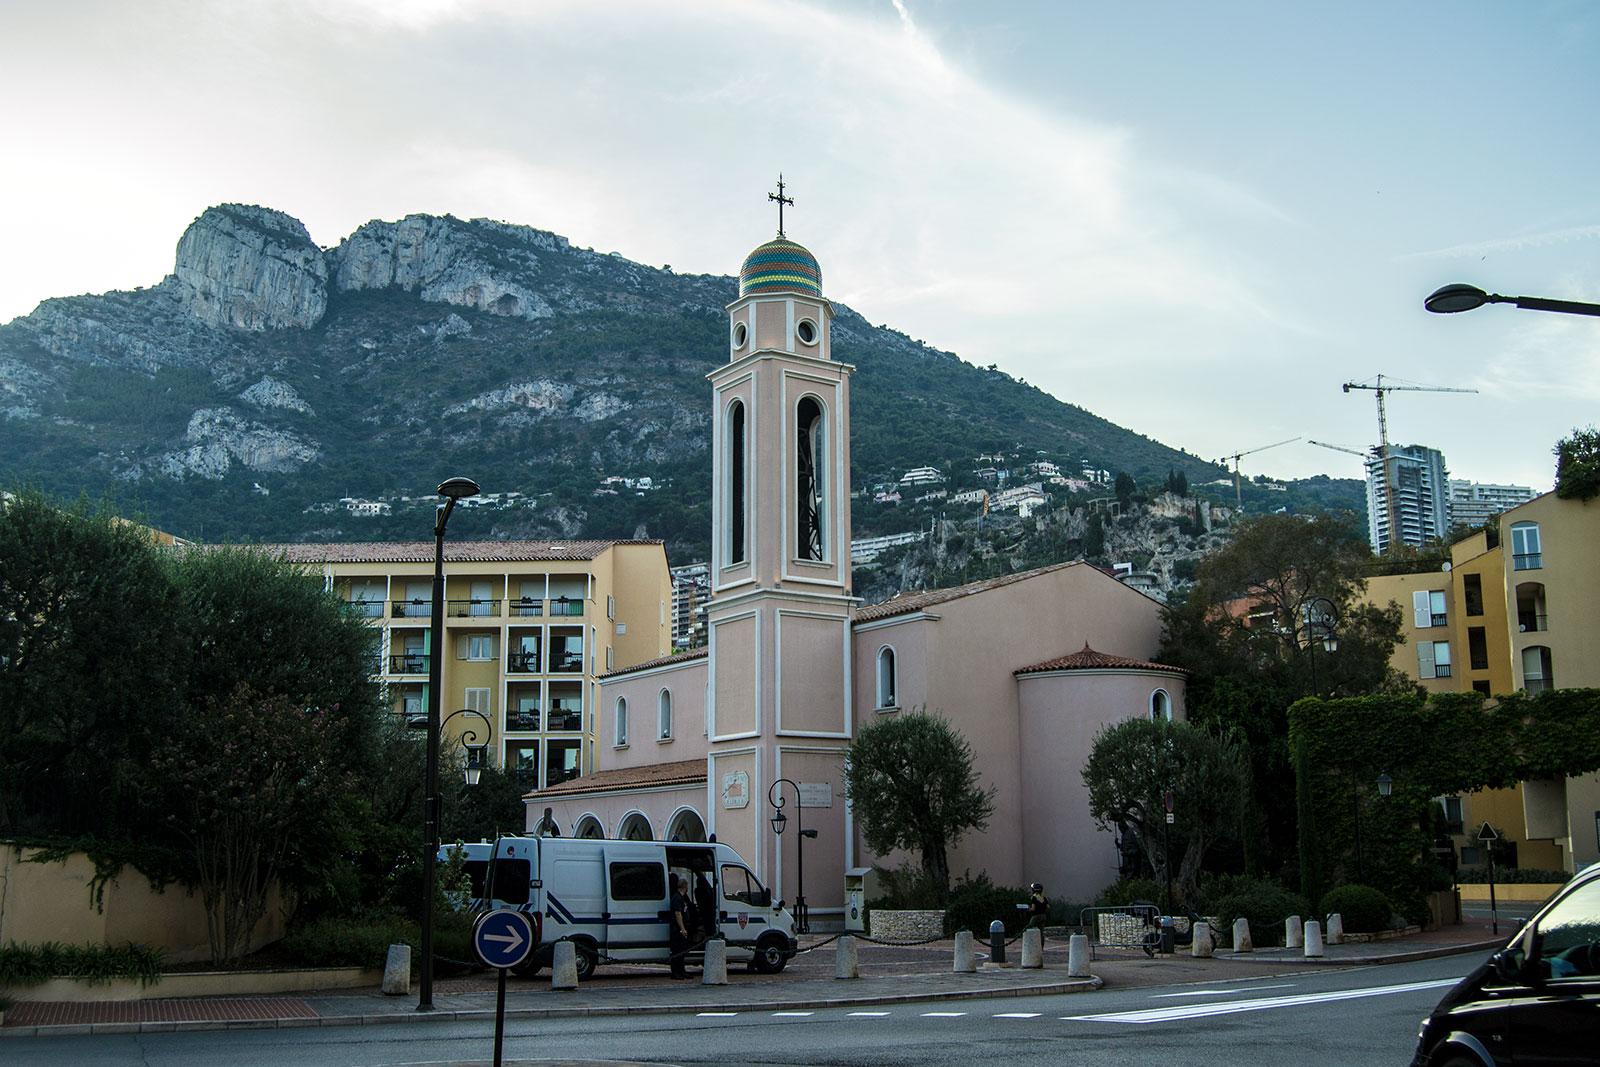 Parroquia de San Nicolás -una tarde en Montecarlo